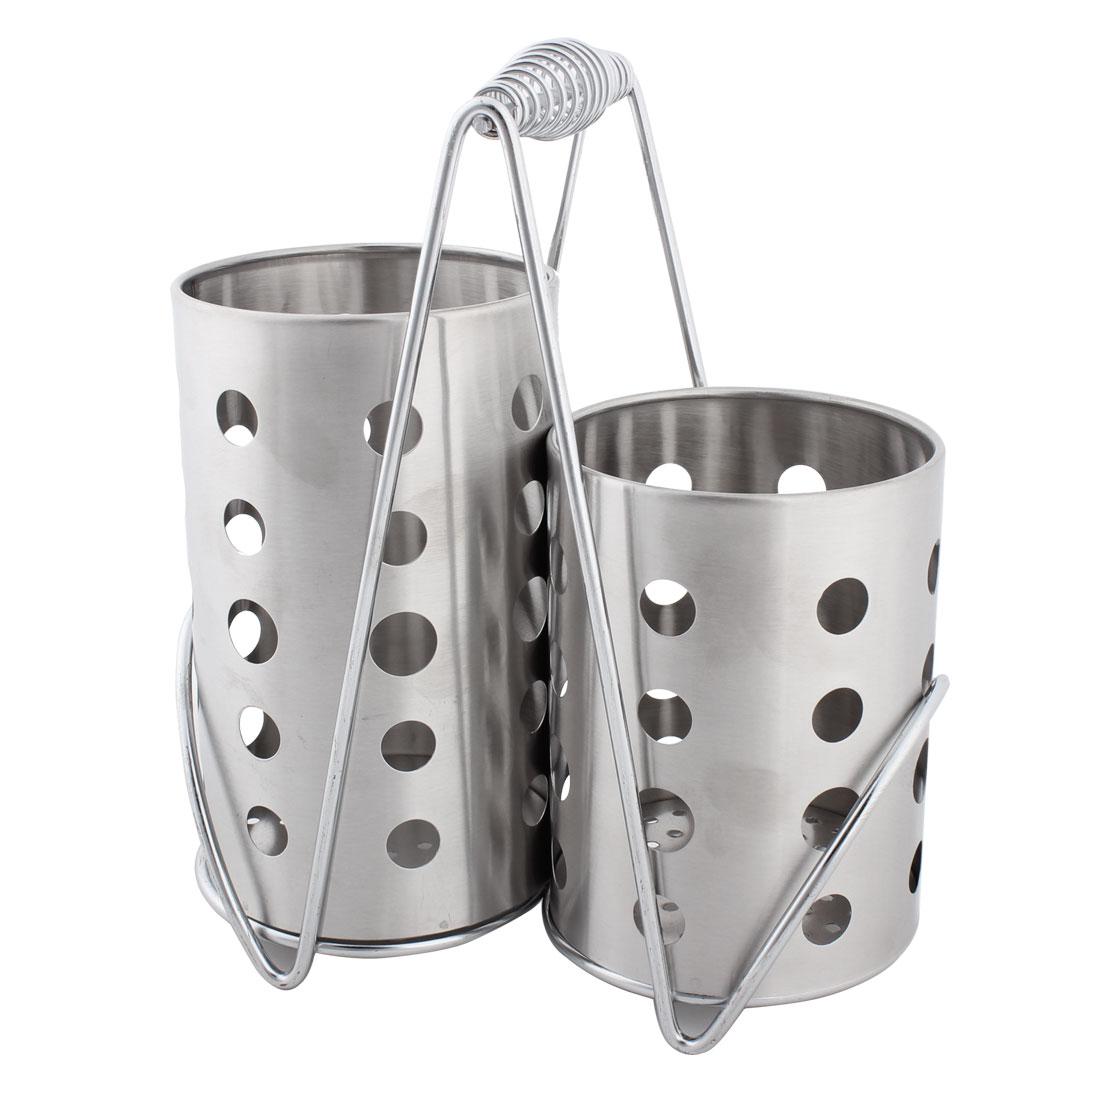 Stainless Steel Kitchen Utensil Spoon Chopsticks Holder Organizer Set 2 in 1